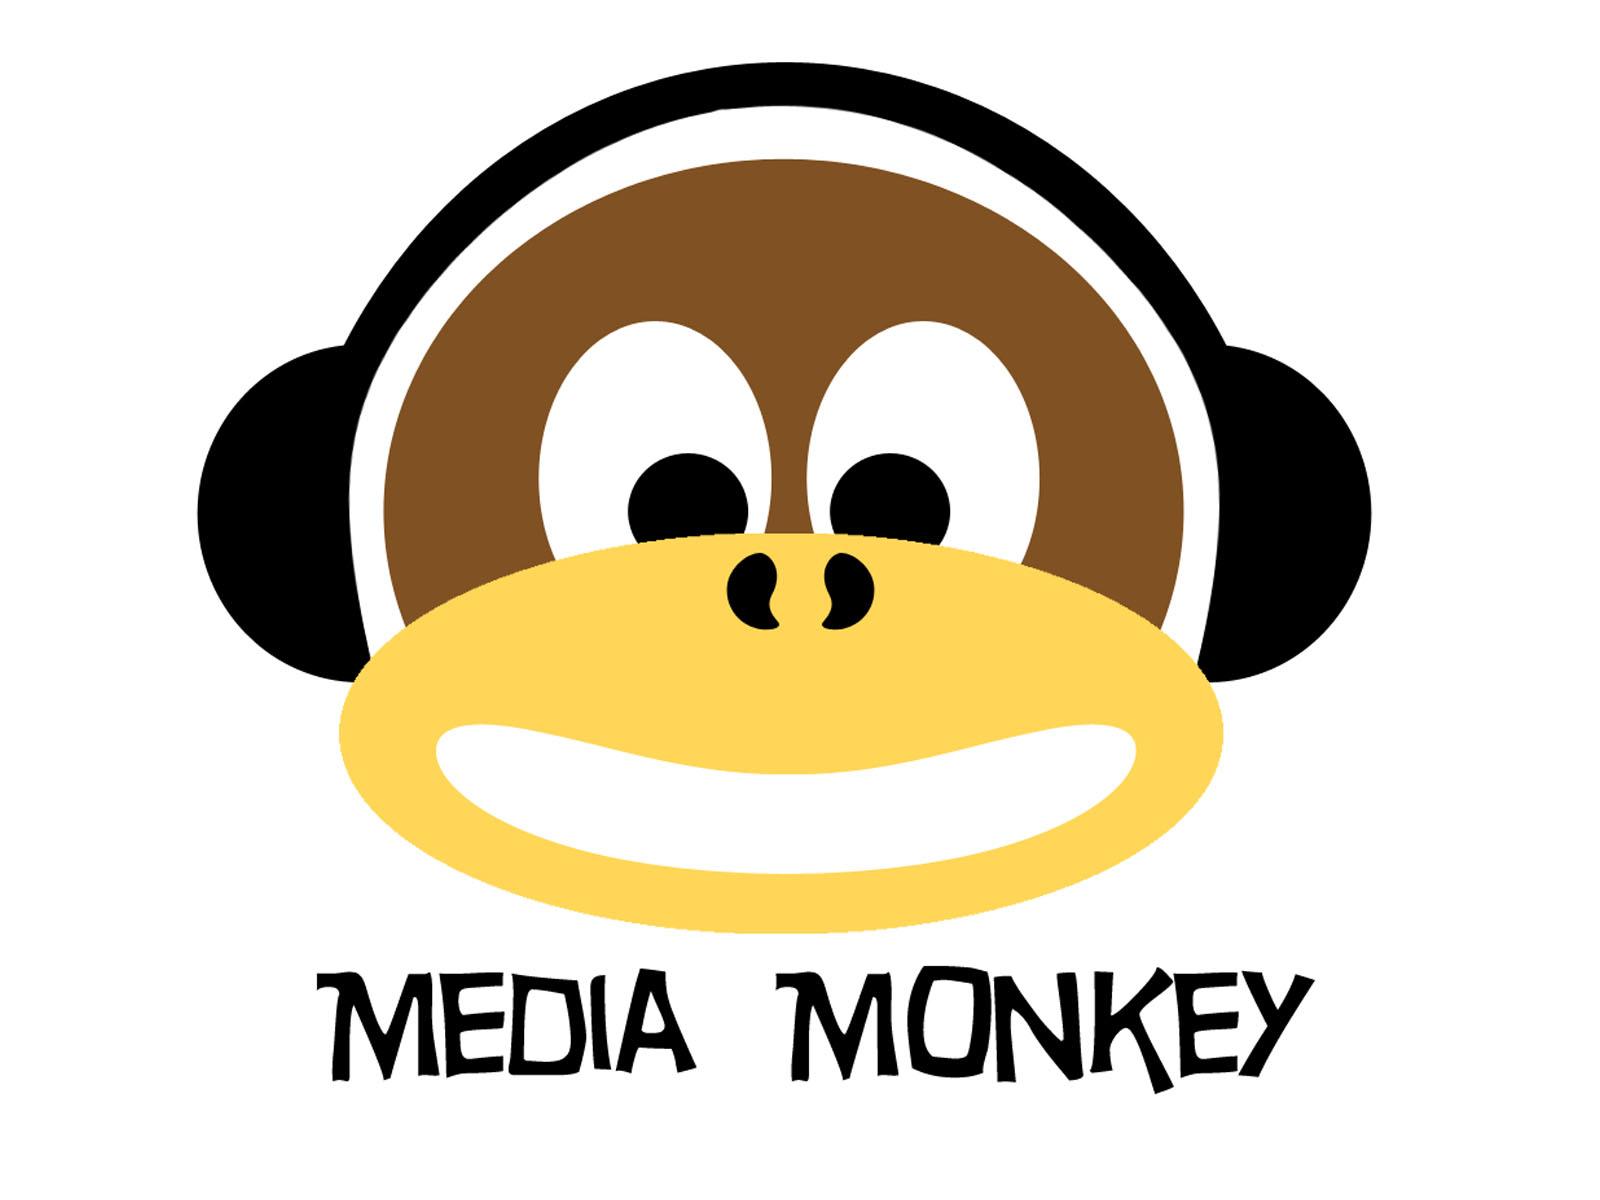 mediamonkey-logo